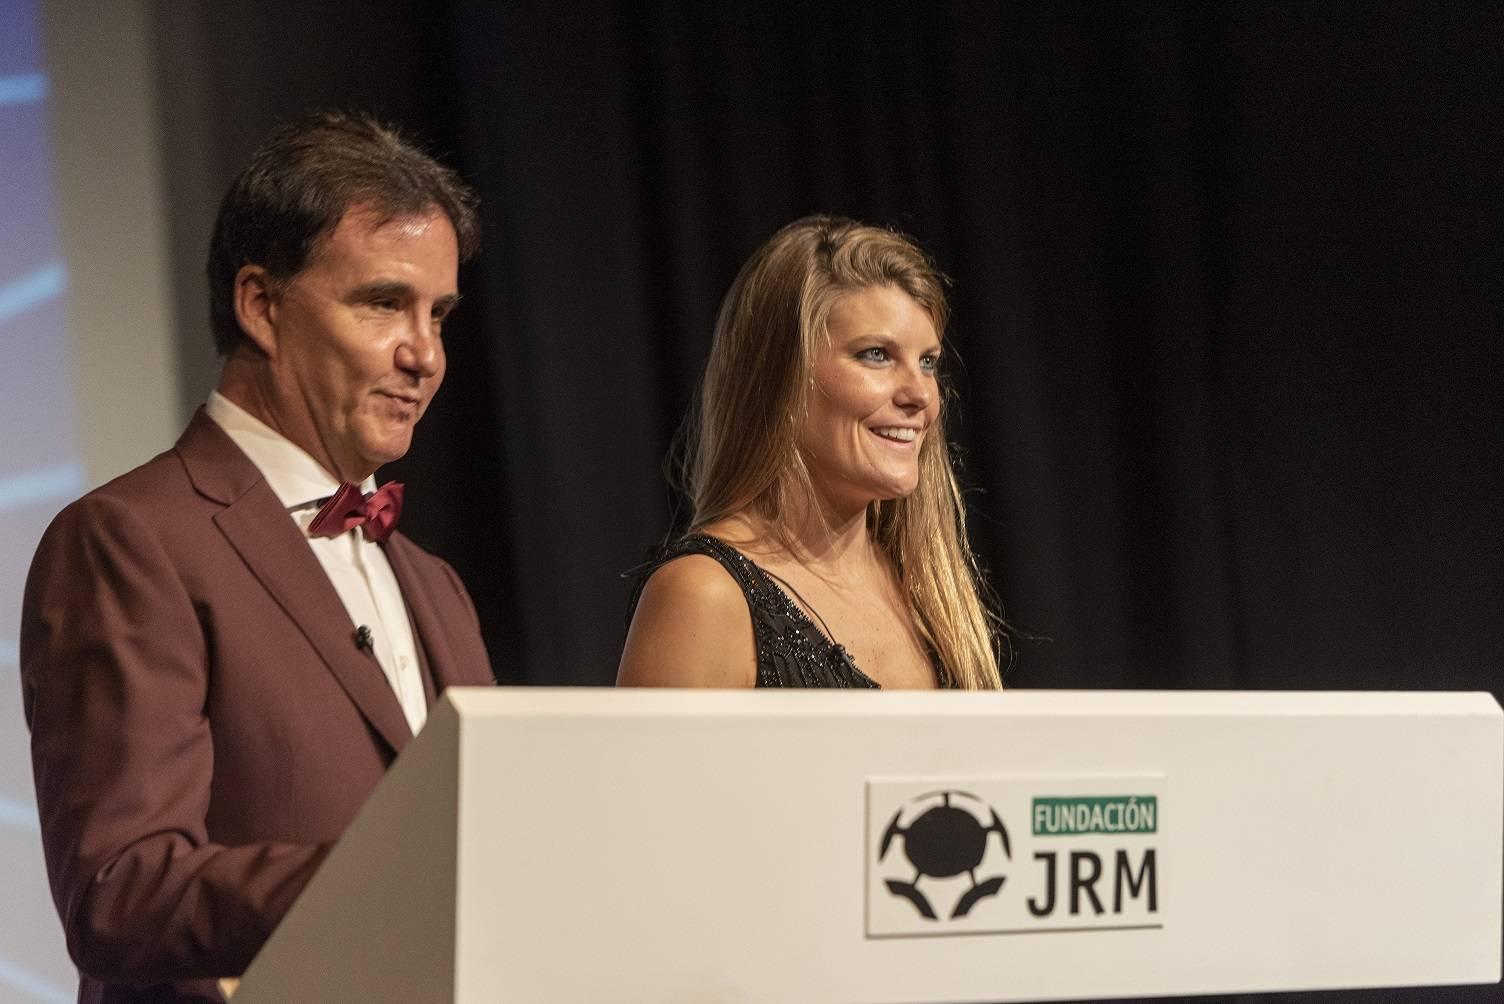 José Ramón de la Morena y Laura Vázquez presentando la gala.